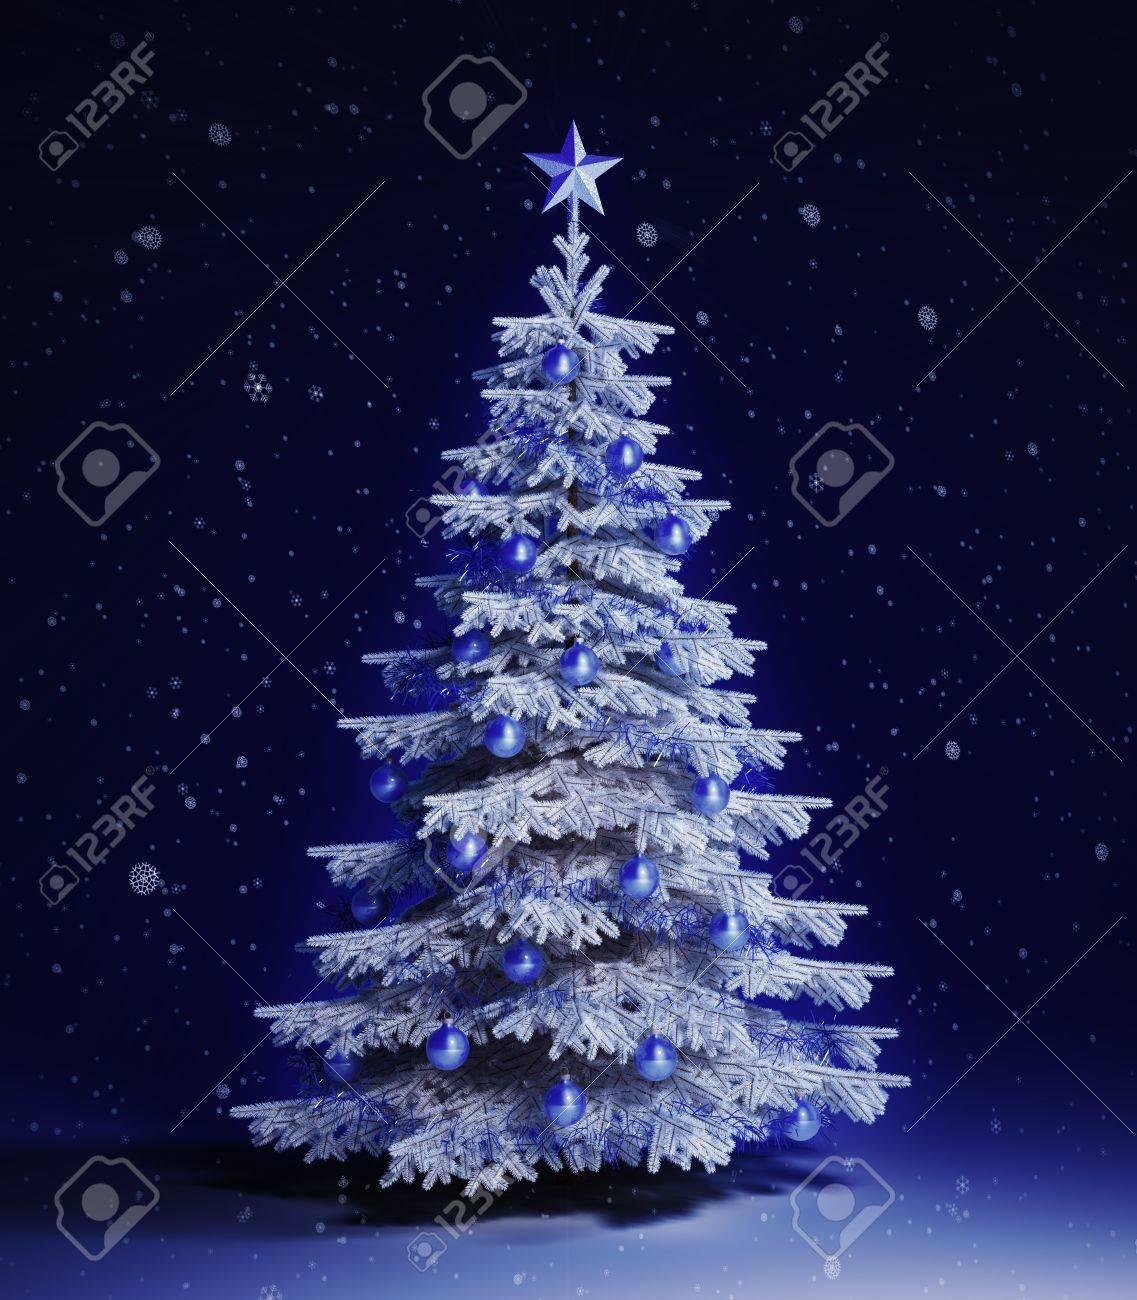 ホワイト クリスマス ツリー の写真素材・画像素材 Image 14810247.